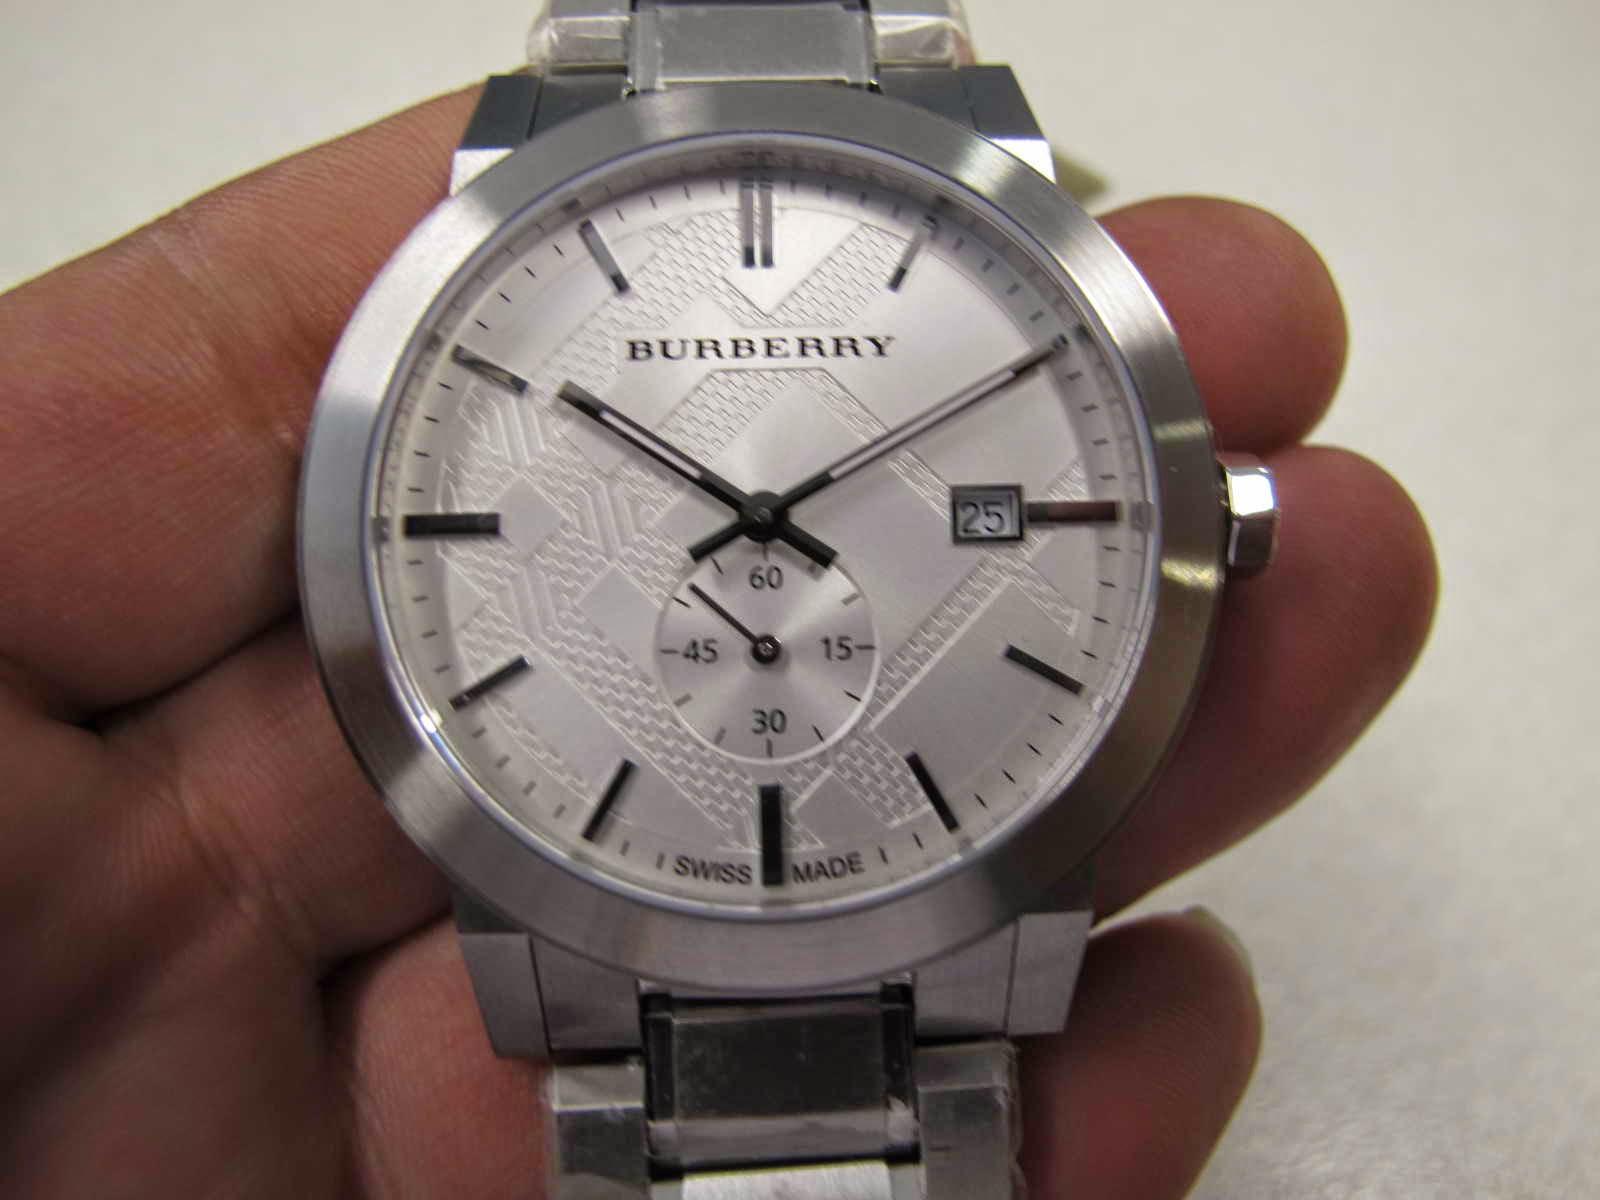 Cocok untuk Anda yang sedang mencari jam tangan dengan warna dial putih bertekstur sub second BURBERRY SUB SECOND